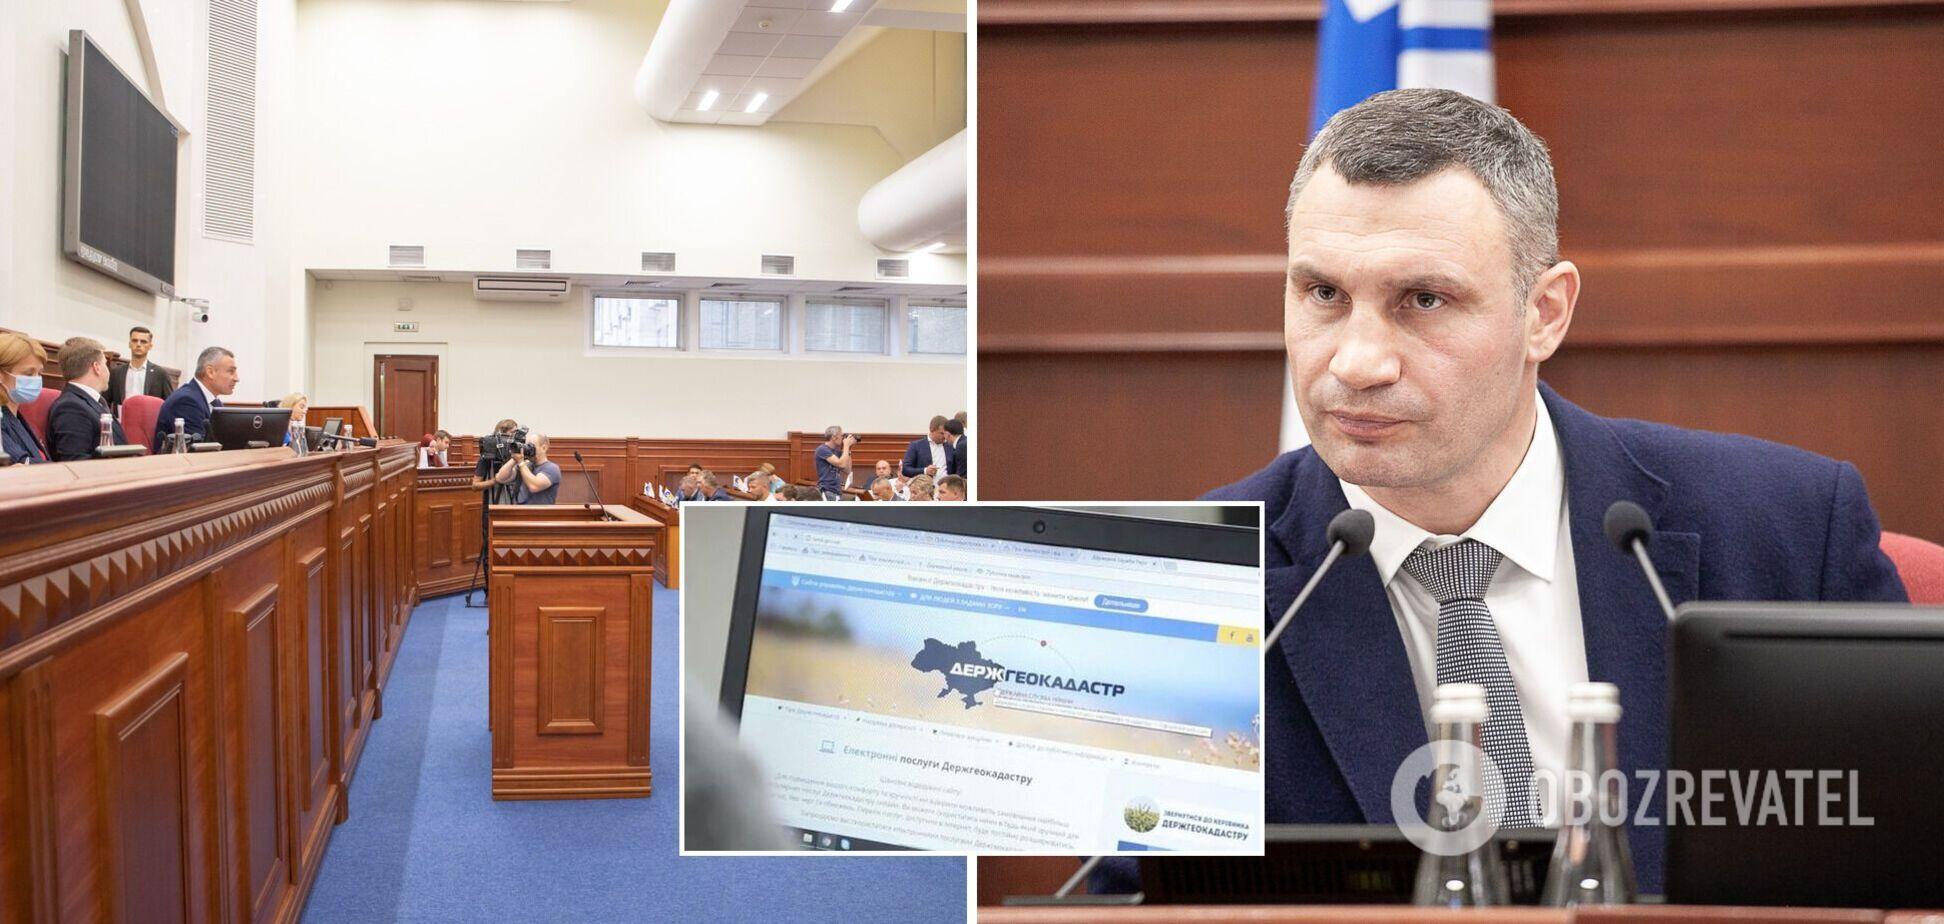 Кличко закликав депутатів підтримати звернення до Київської облради